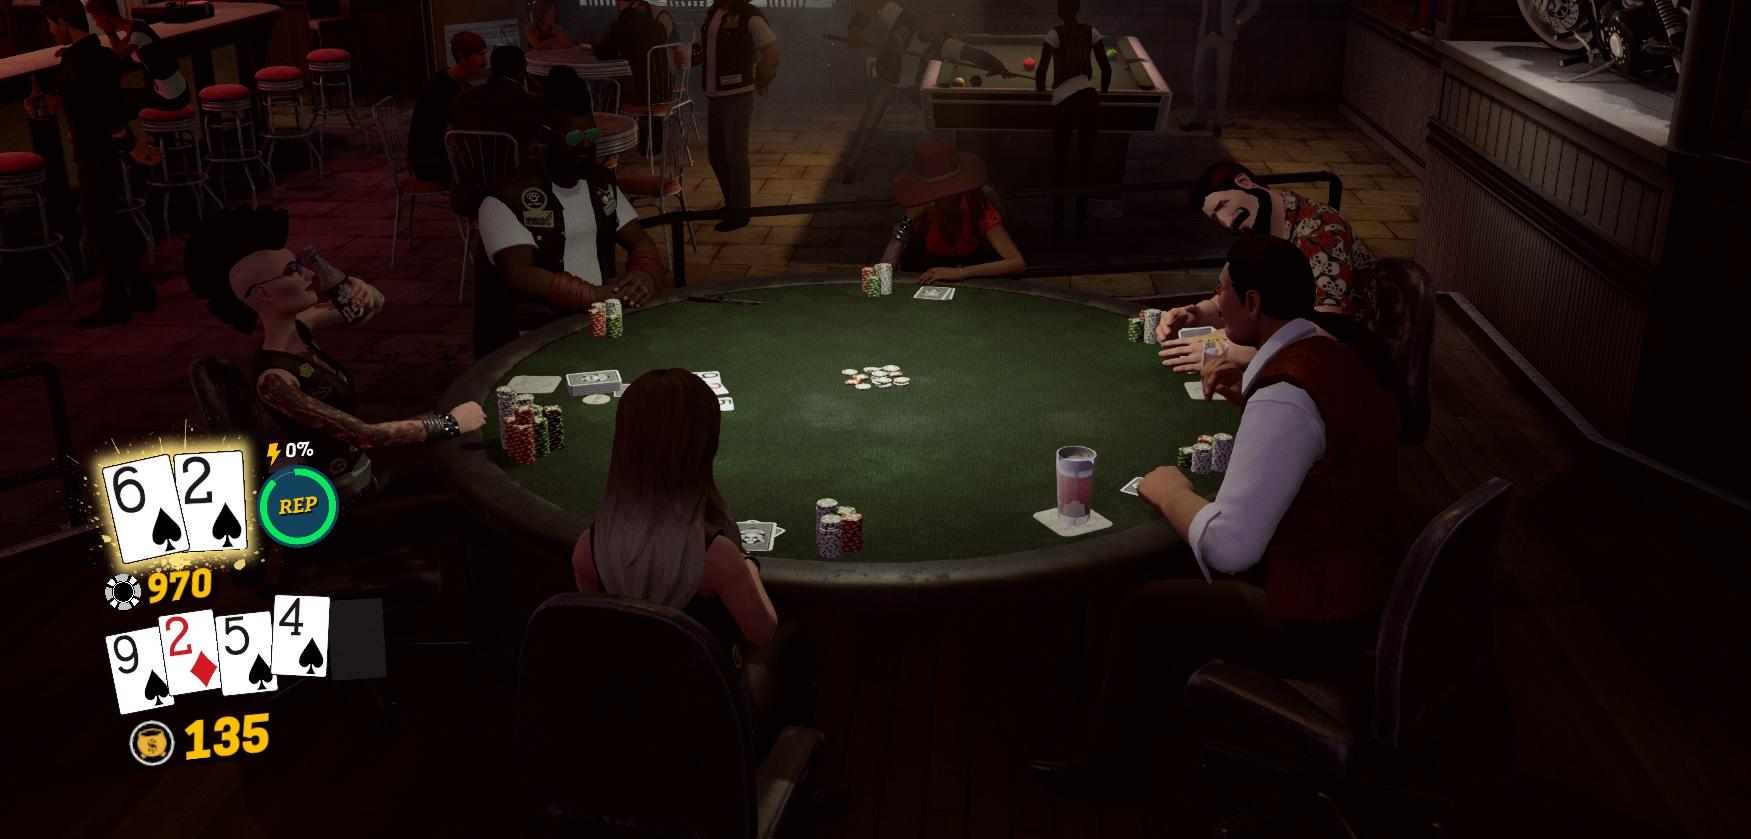 Prominence-Poker-Biker-2